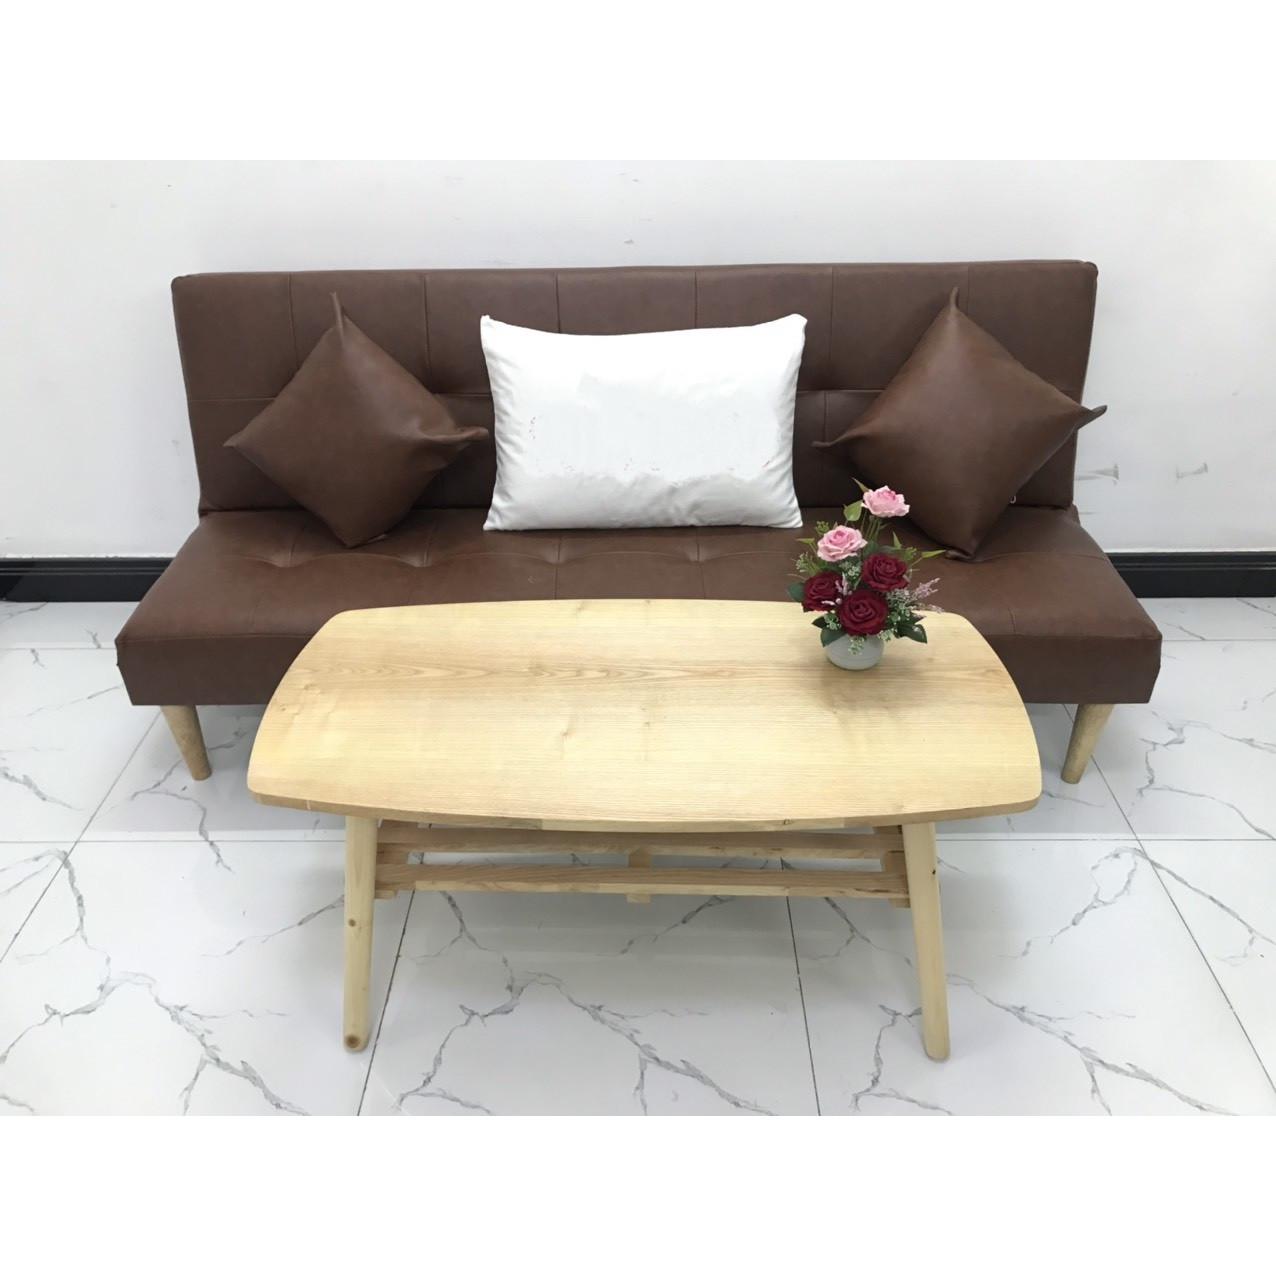 Bộ ghế sofa bed sofa giường 1m7x90 phòng khách linco14 sa lông, sô pha